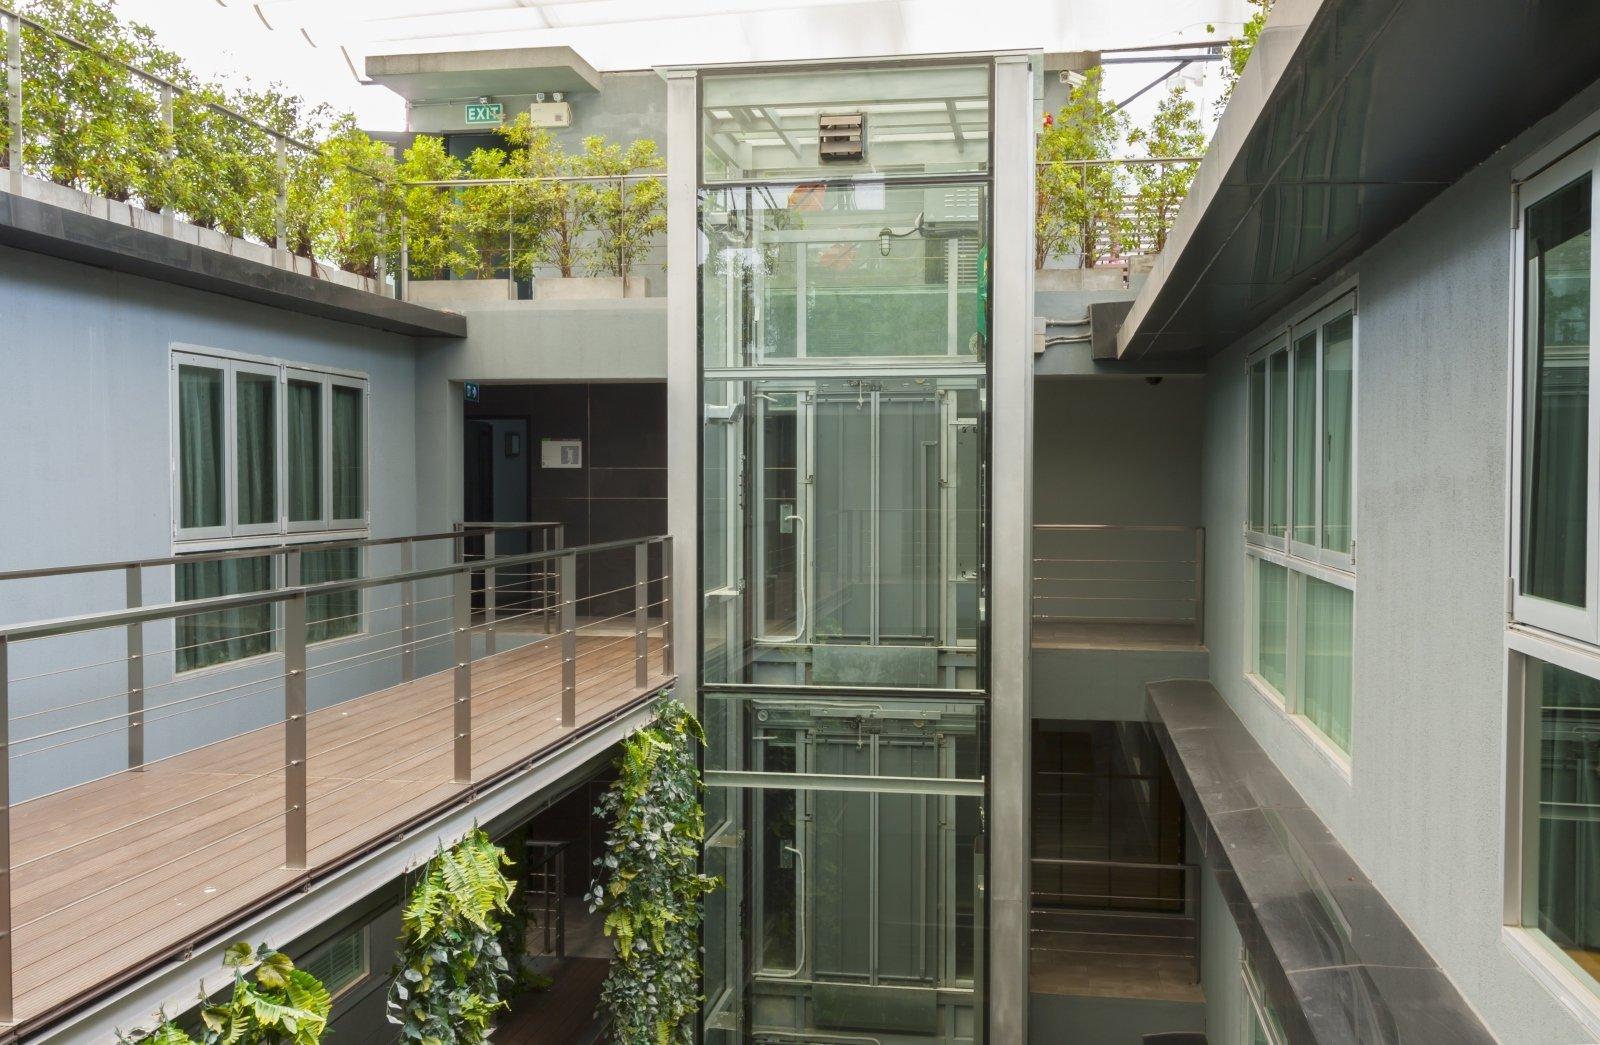 ascensore a vista con pareti vetrate